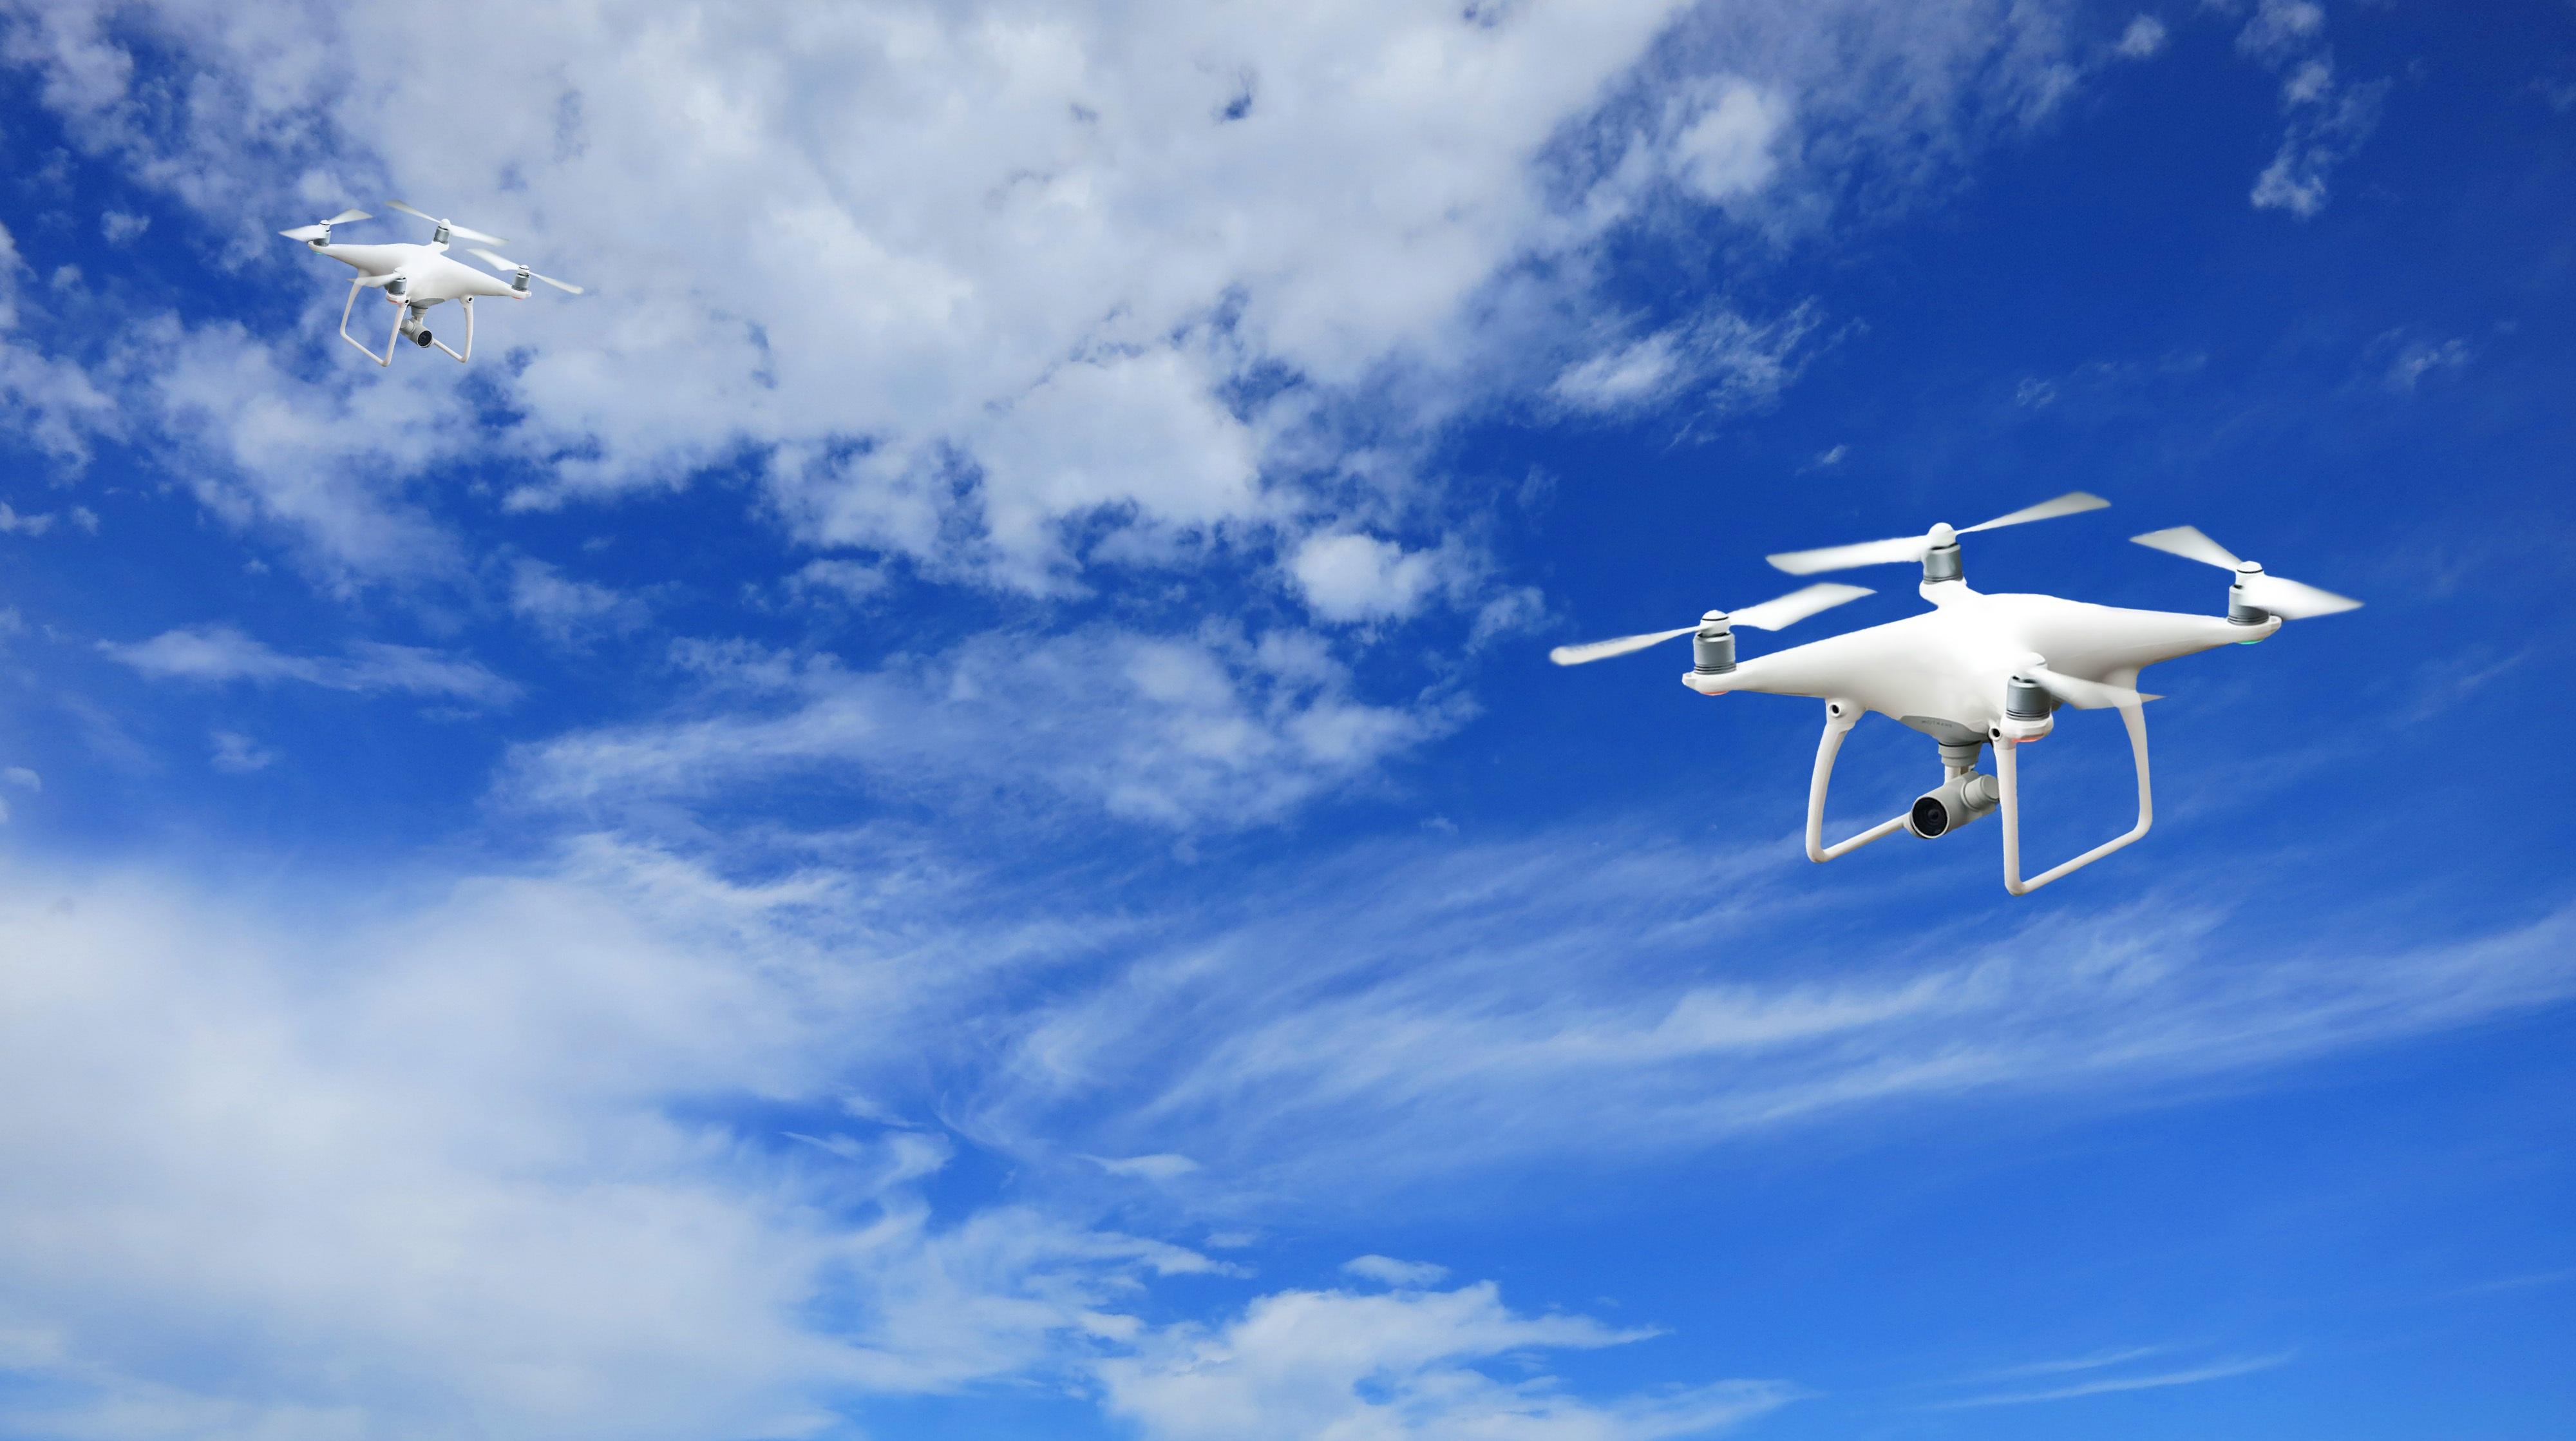 Foto von zwei DJI Phantom P4 Drohnen